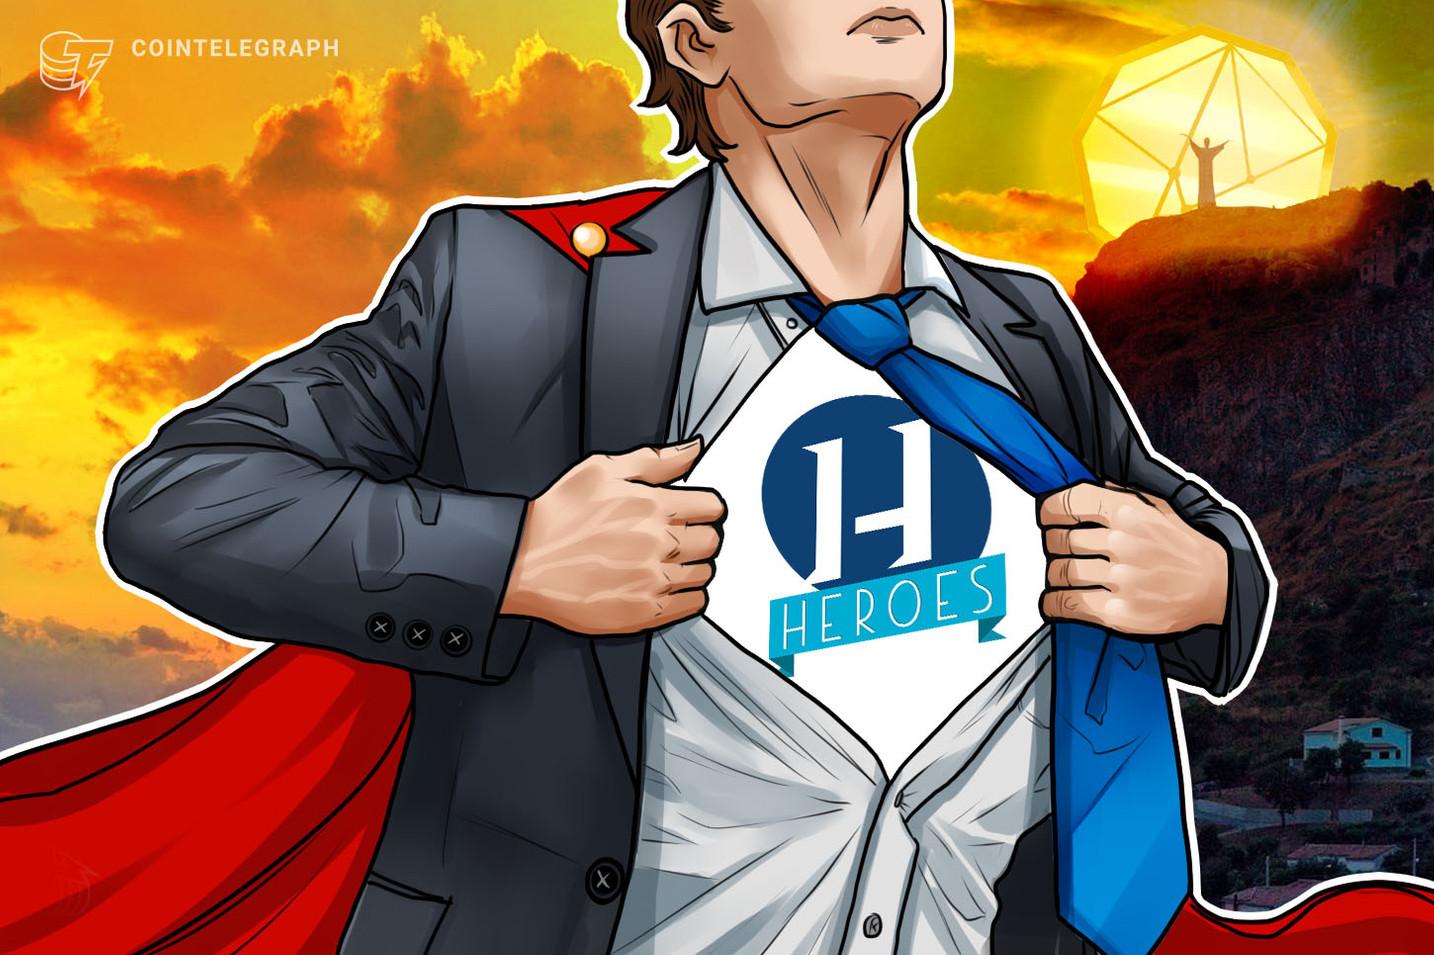 Heroes Maratea: esempi d'applicazione della tecnologia blockchain con i ricercatori di SDA Bocconi